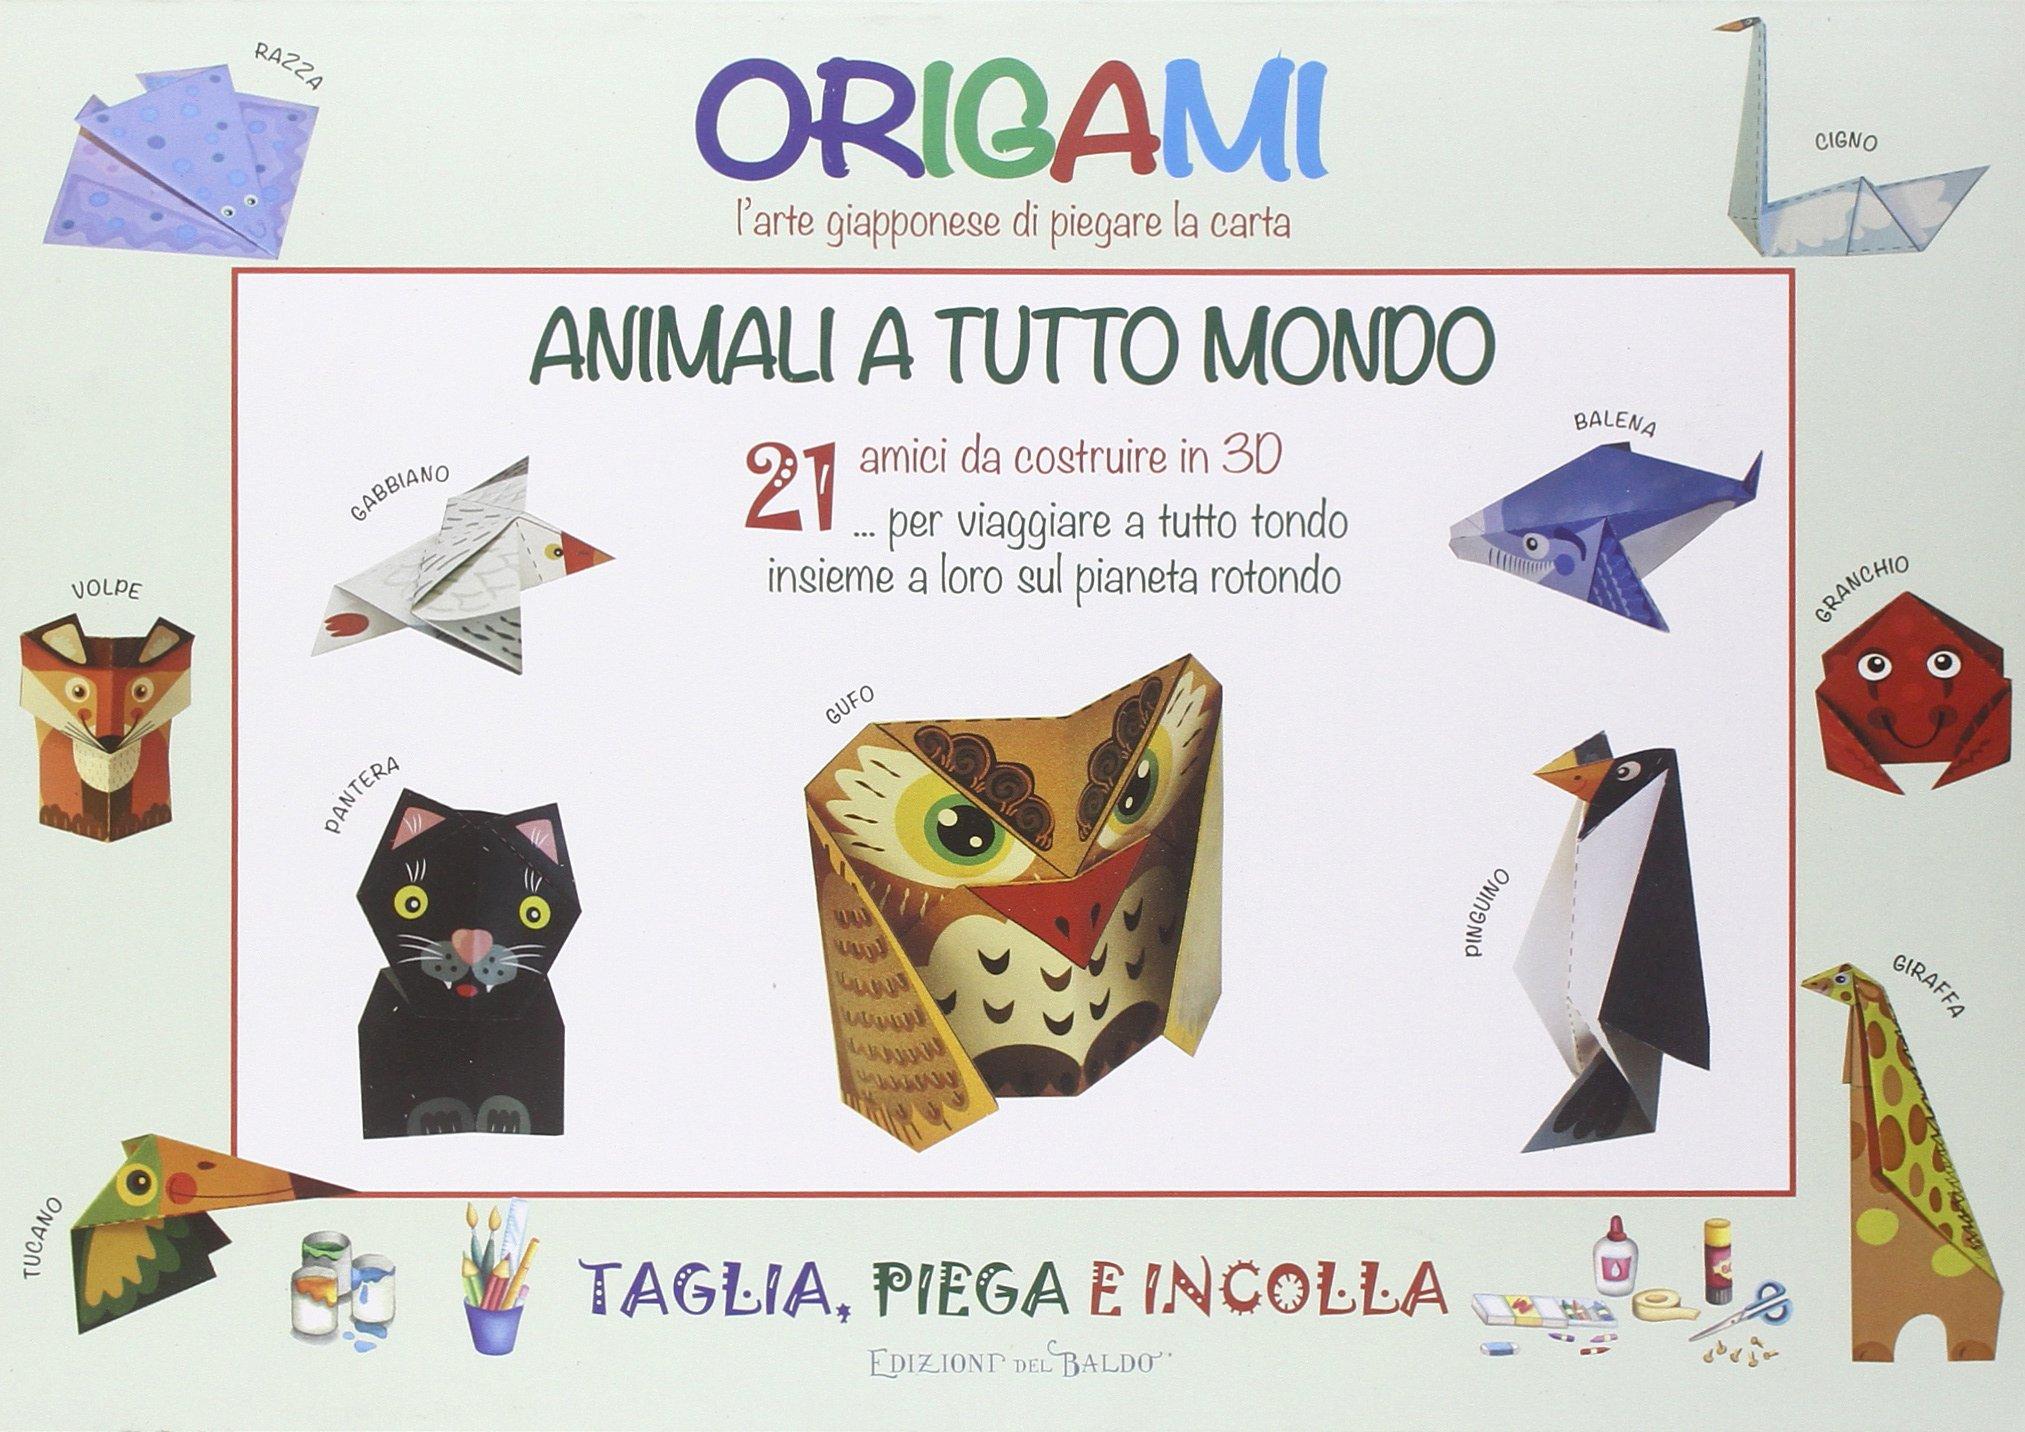 Origami Larte Giapponese Di Piegare La Carta